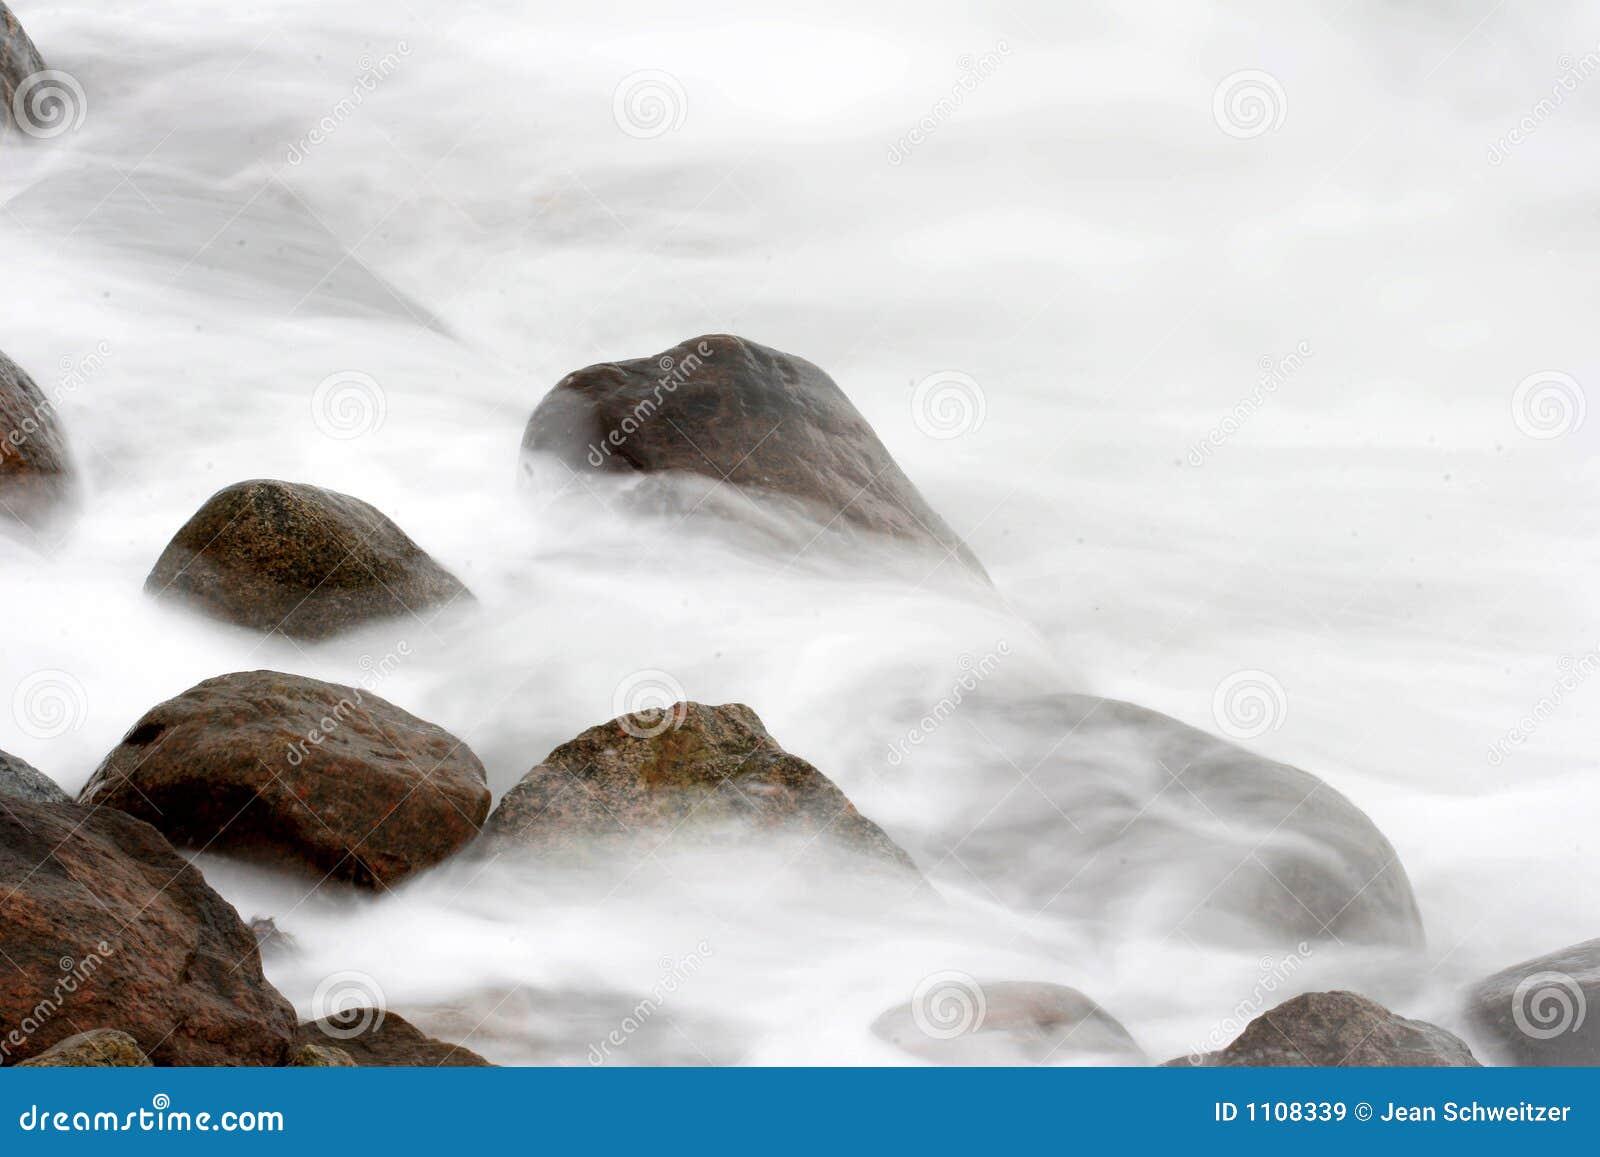 on stones ocean - photo #36